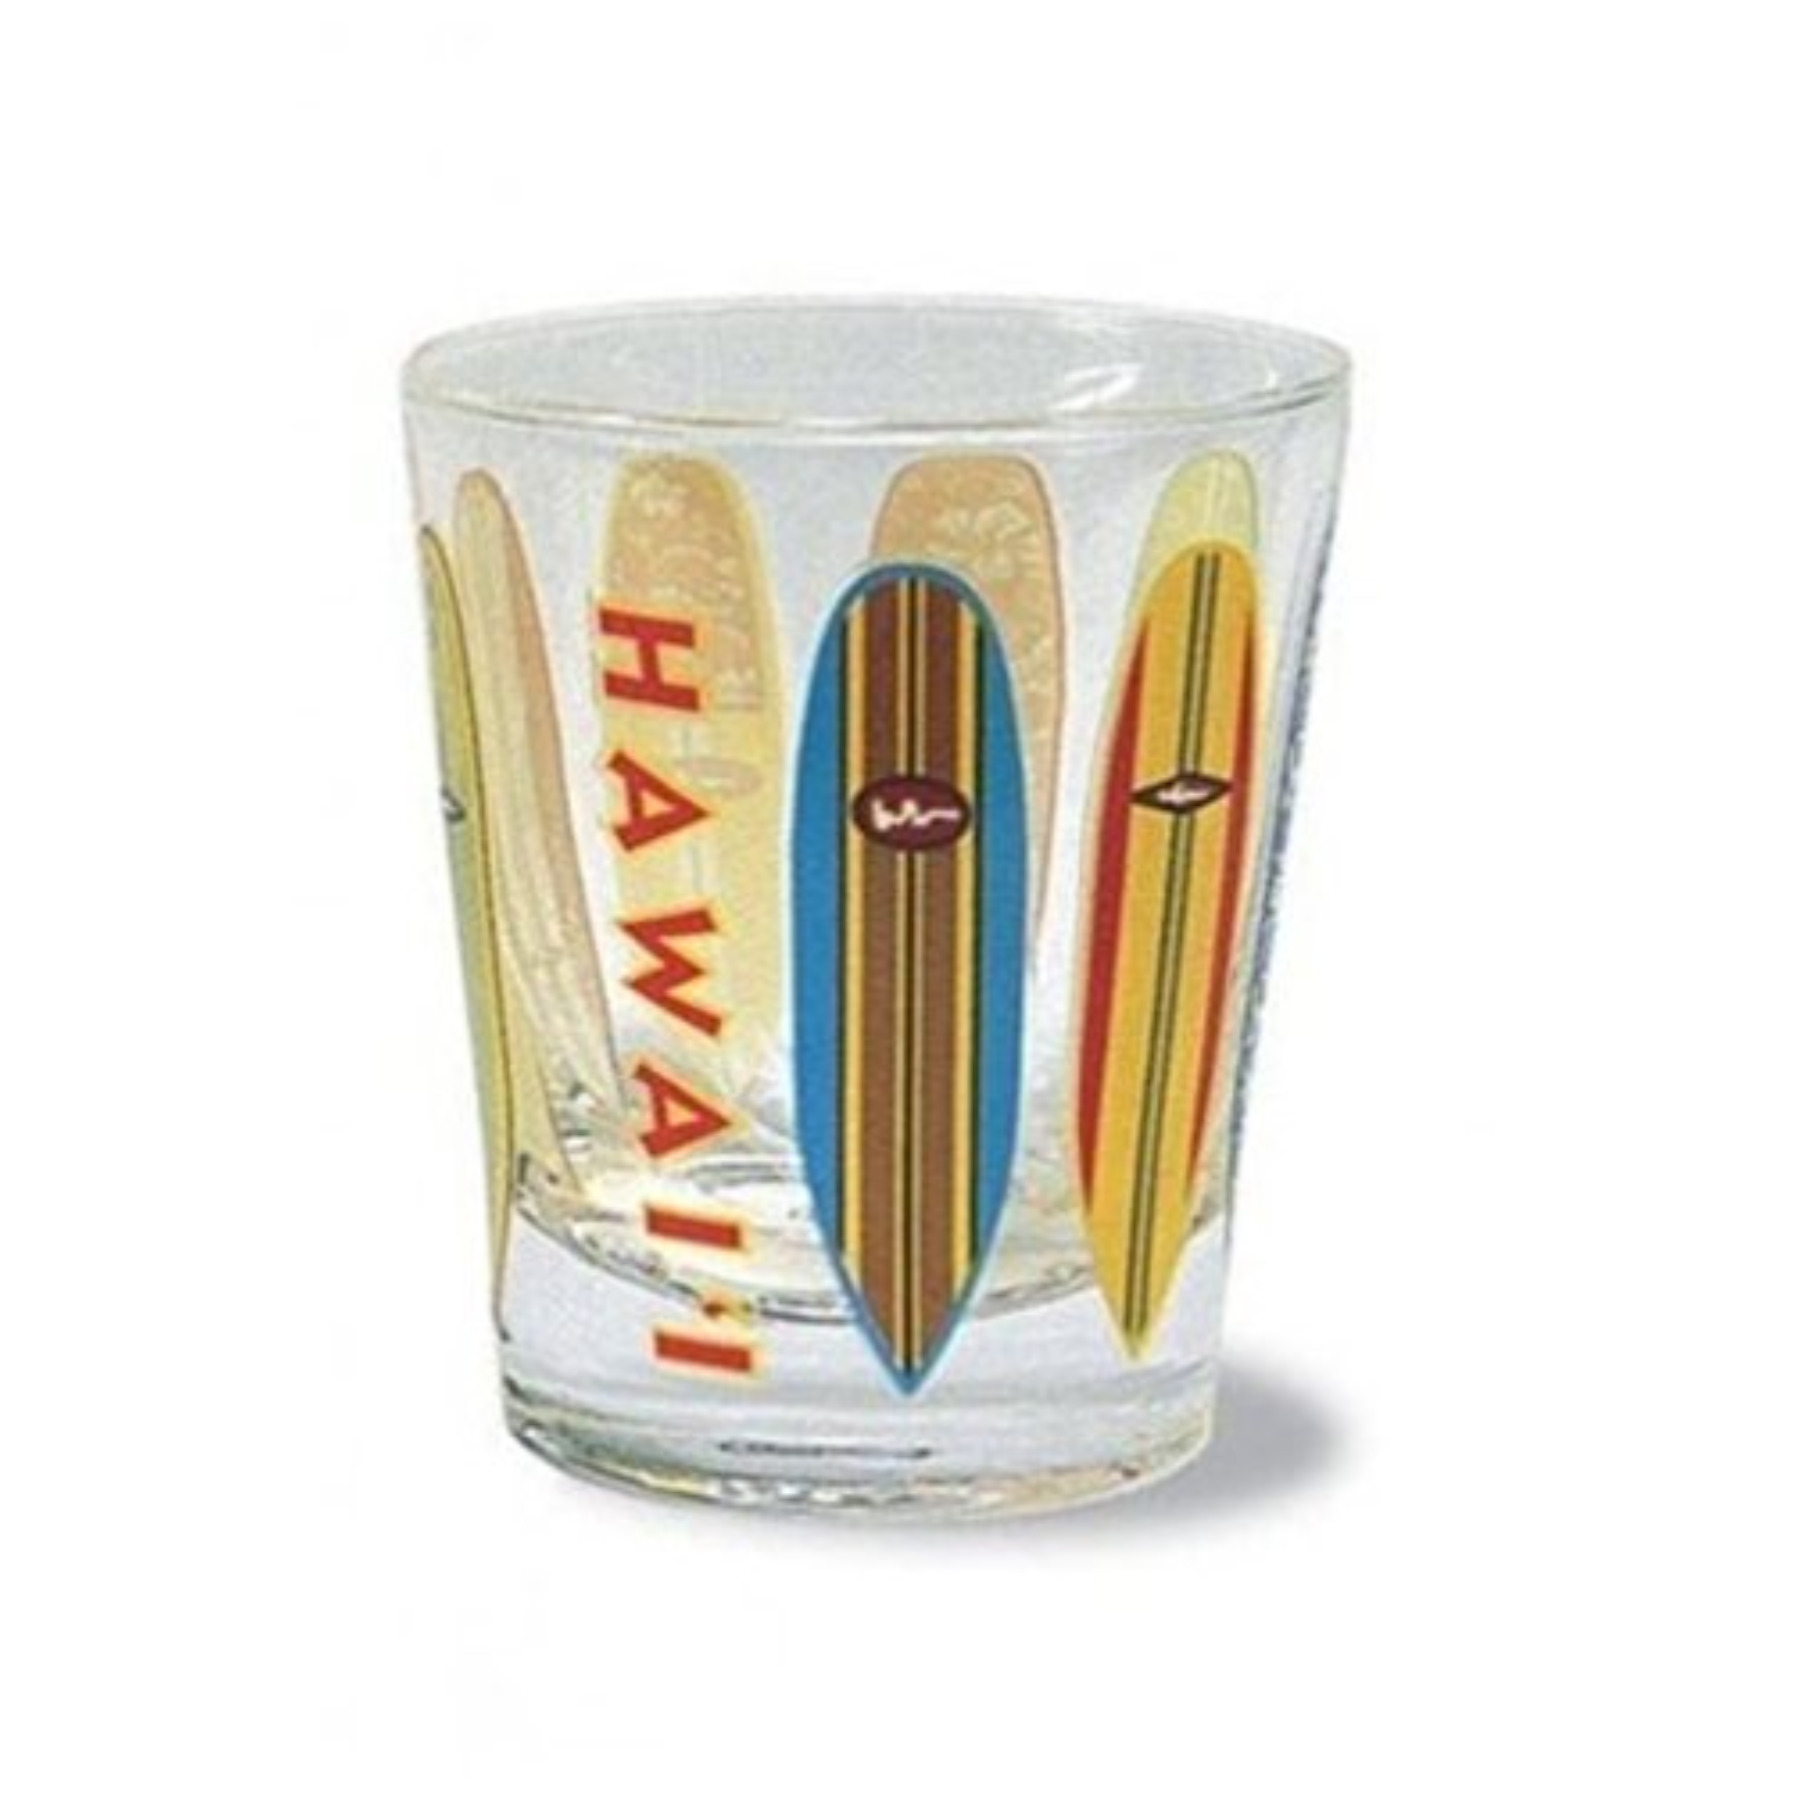 Dano's Surfboards Hawaii Shot Glass